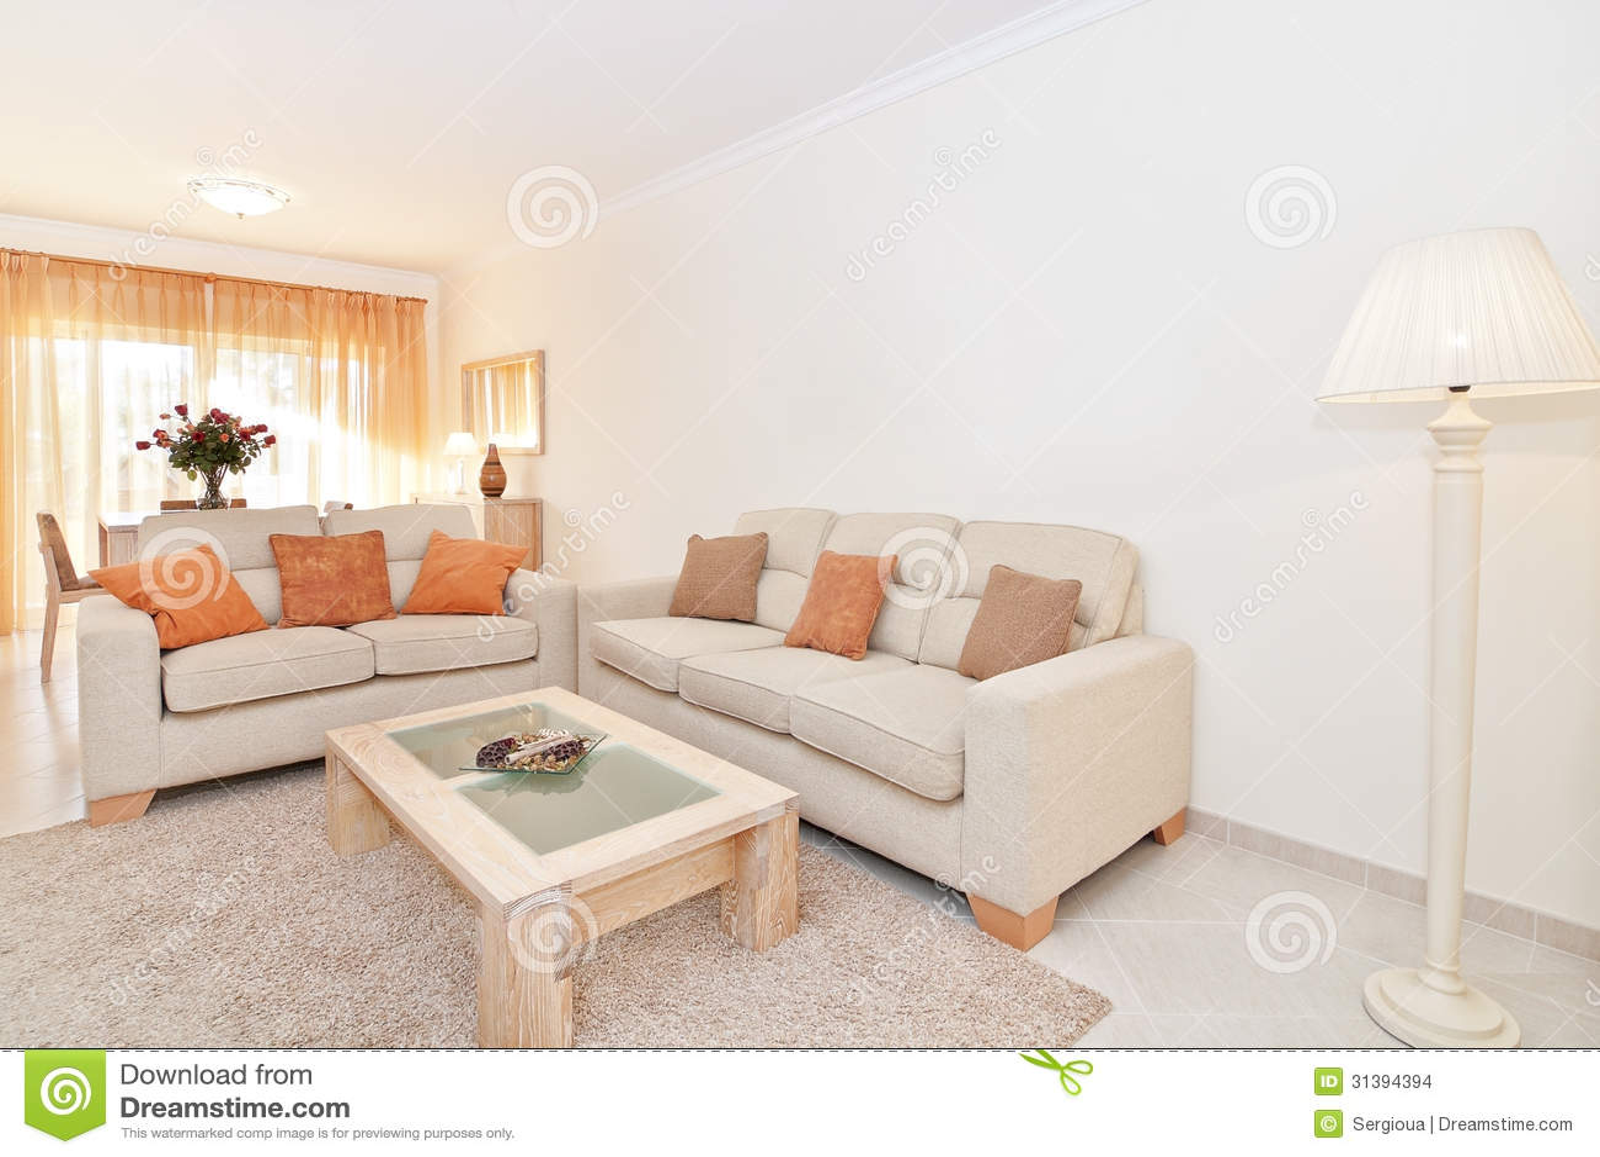 Moderne Holzöfen mooie woonkamer met warme kleuren met de schaduw stock foto afbeelding 31394394